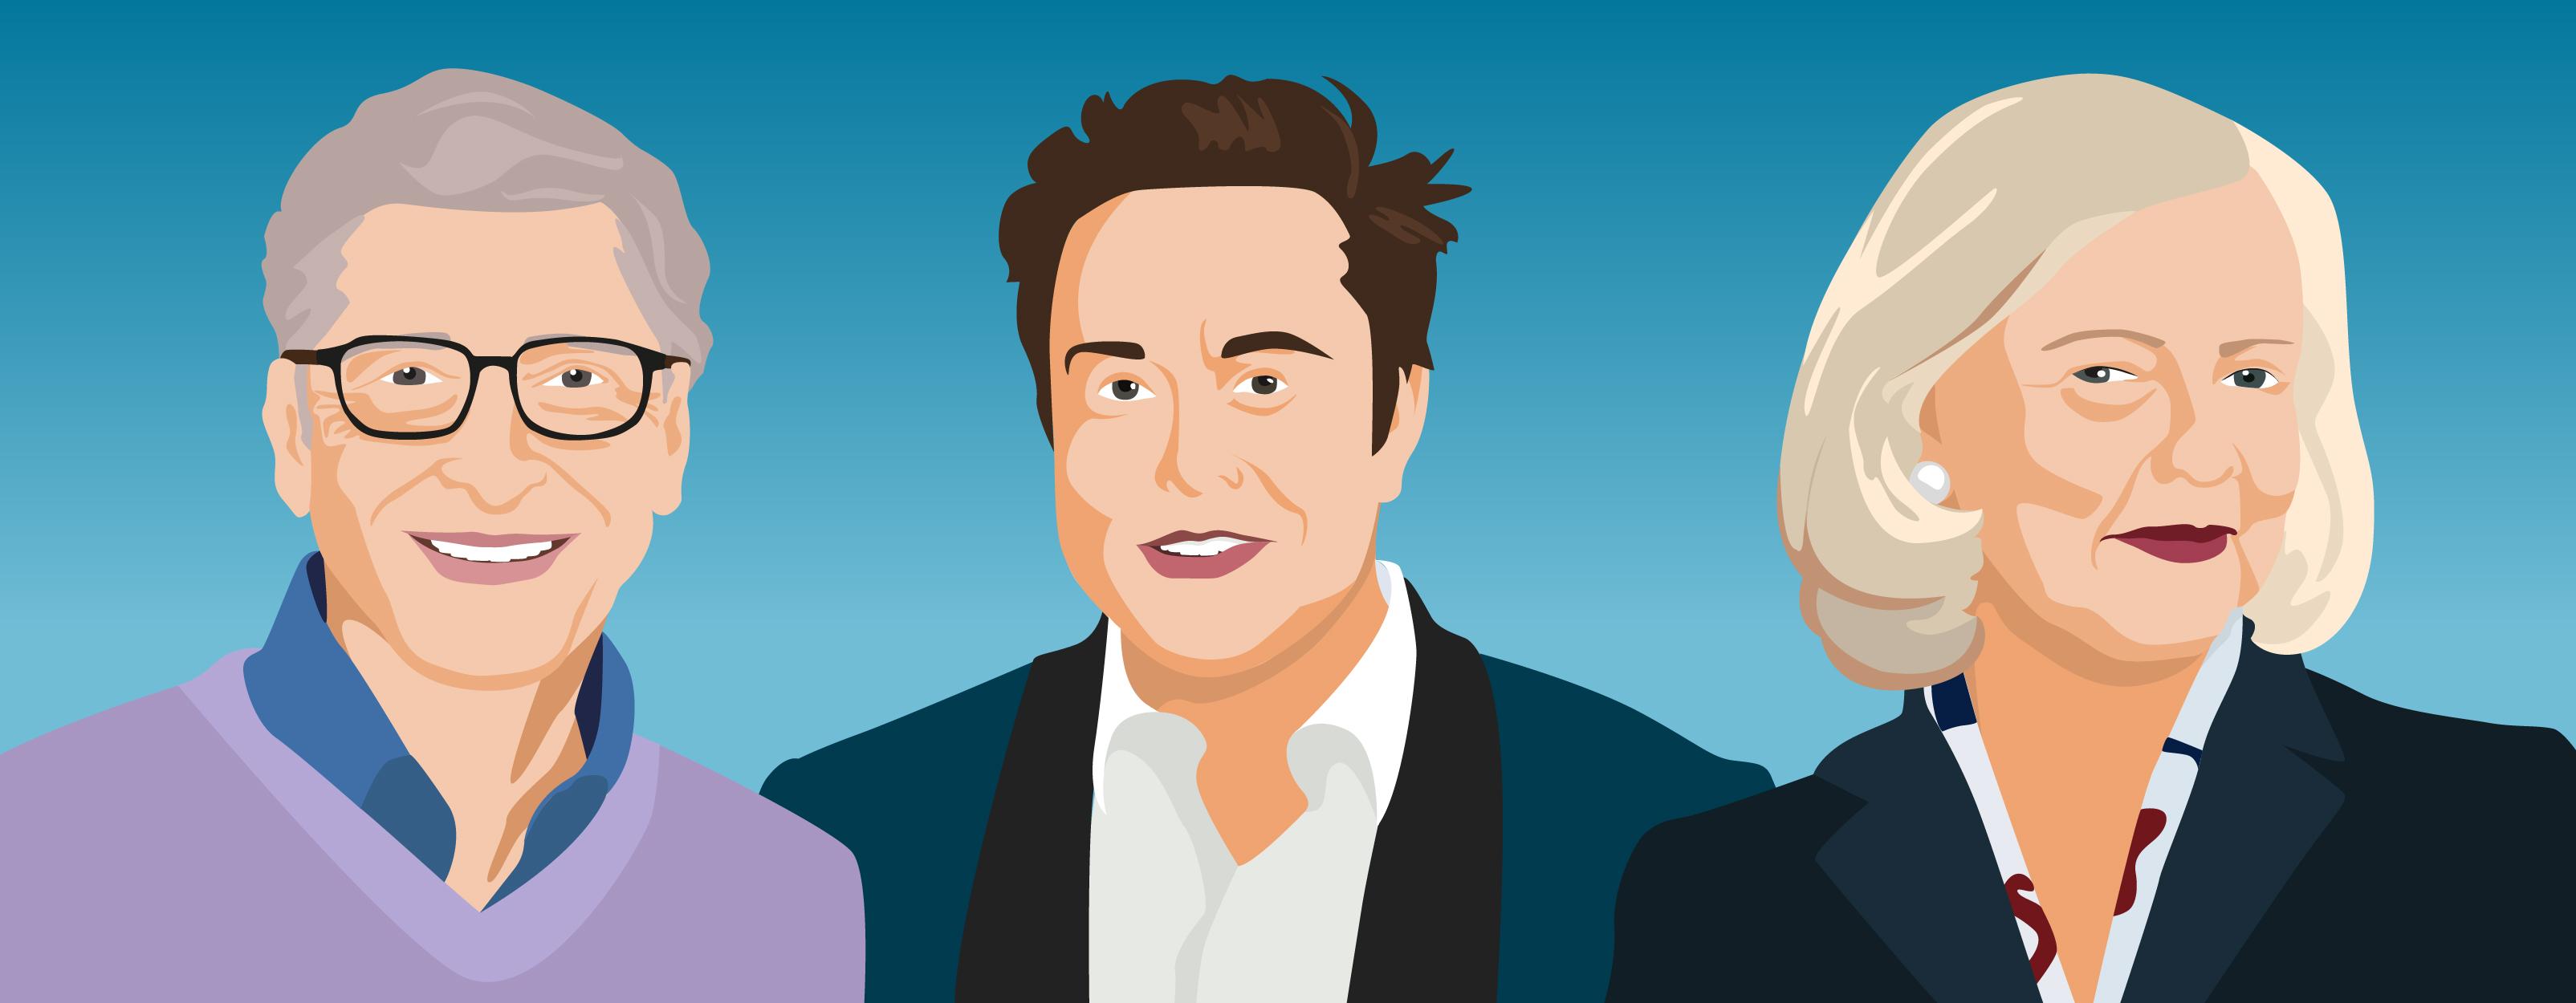 Die Lernroutinen von Millionären wie Bill Gates, Elon Musk und Co. - sofatutor-Magazin - Eltern